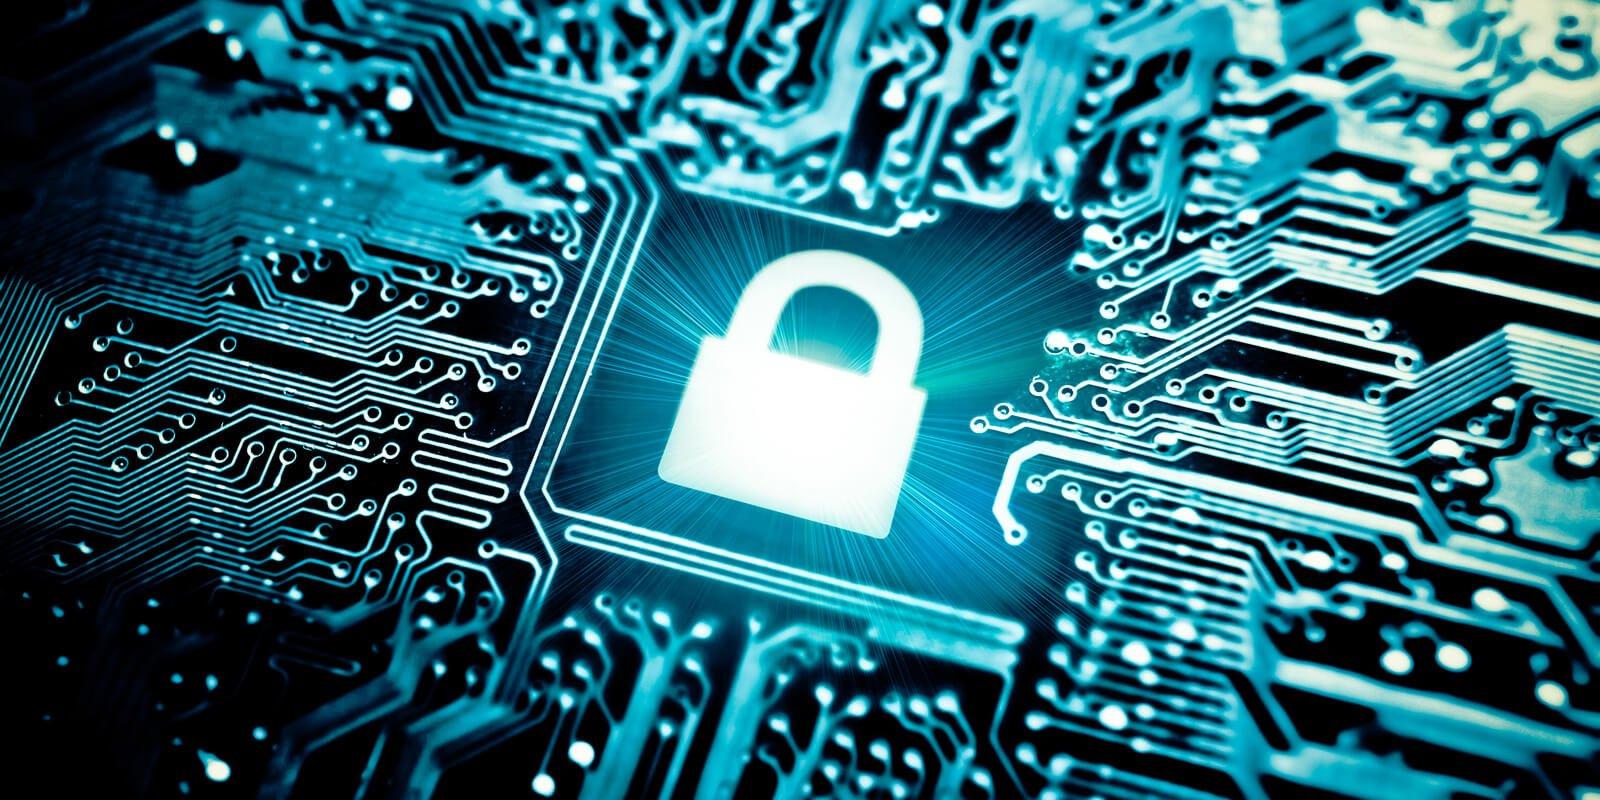 Siti di crack software falsi utilizzati per diffondere Exorcist 2.0 Ransomware